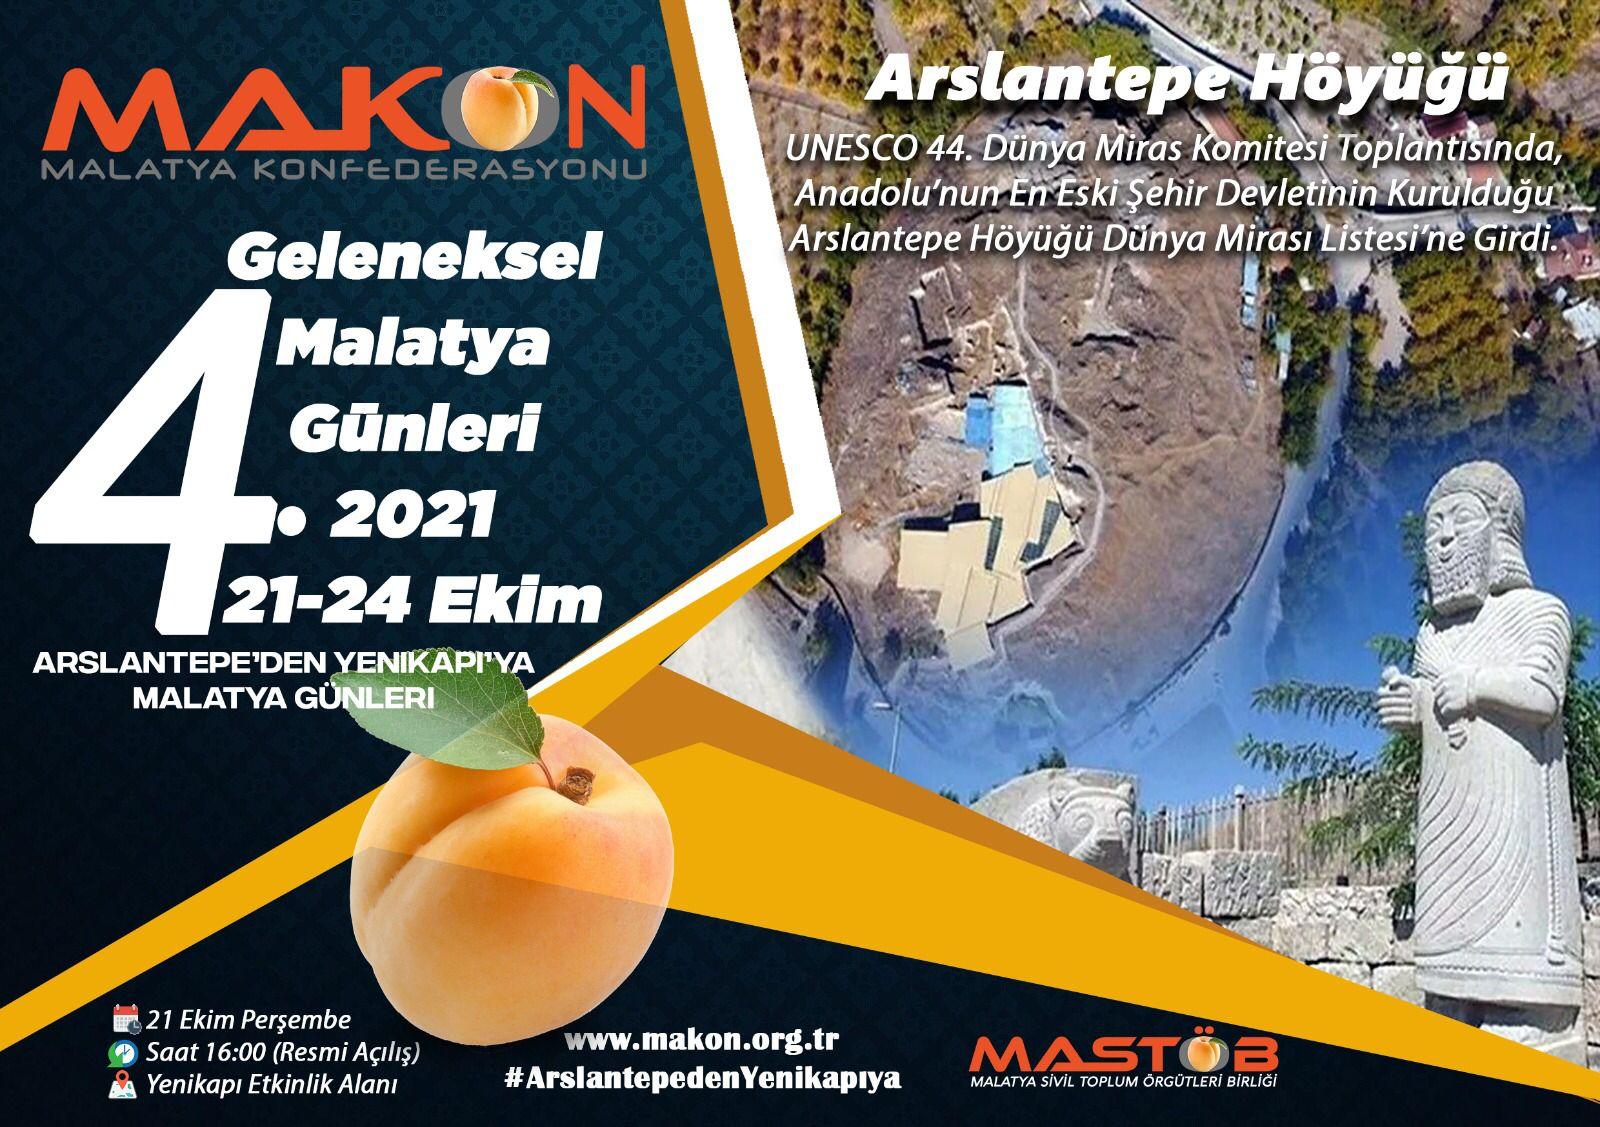 Aslantepe' den Yenikapı'ya 21 -24 Ekim aradı Malatya'lılar İstanbul'da